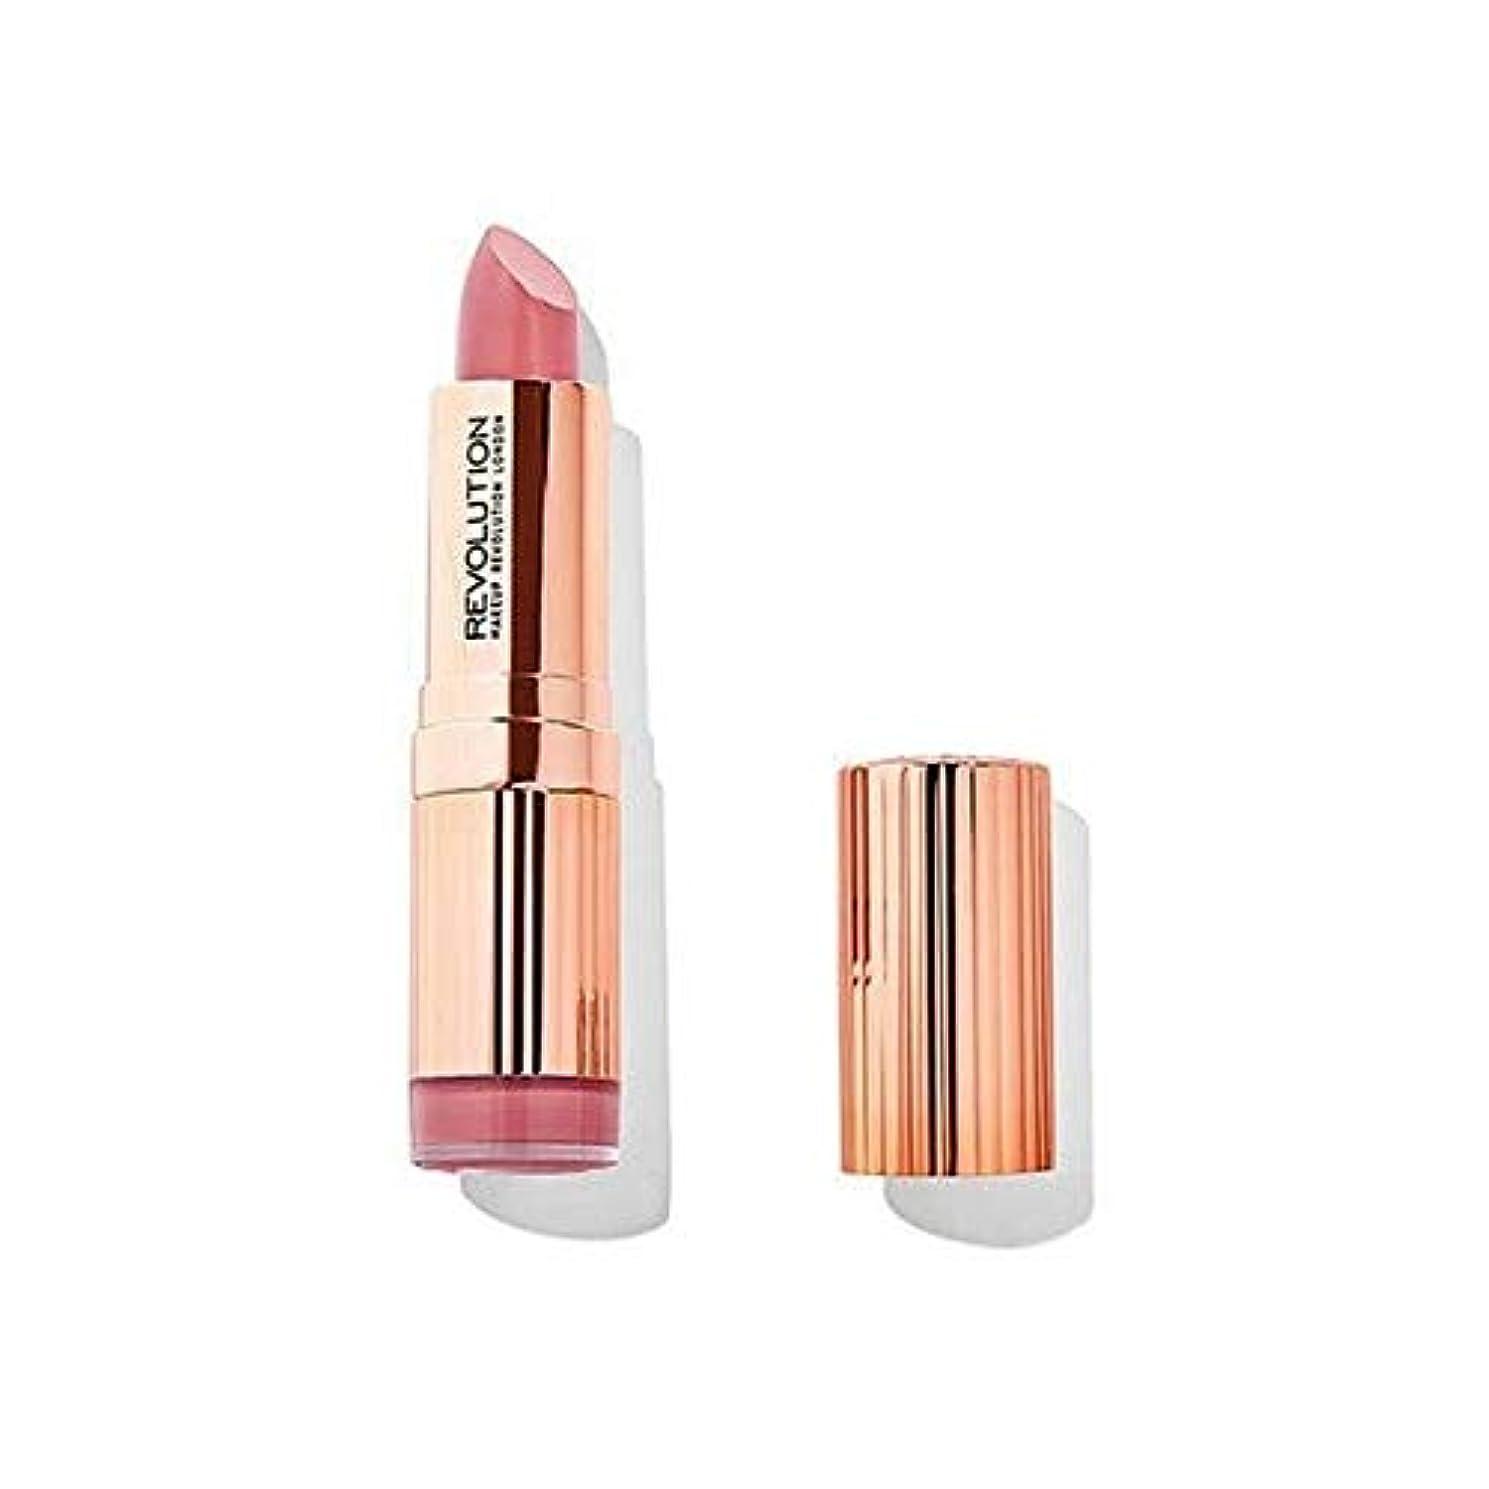 取り消す労働通行人[Revolution ] ブレンド革命のルネサンス口紅 - Revolution Renaissance Lipstick Blended [並行輸入品]